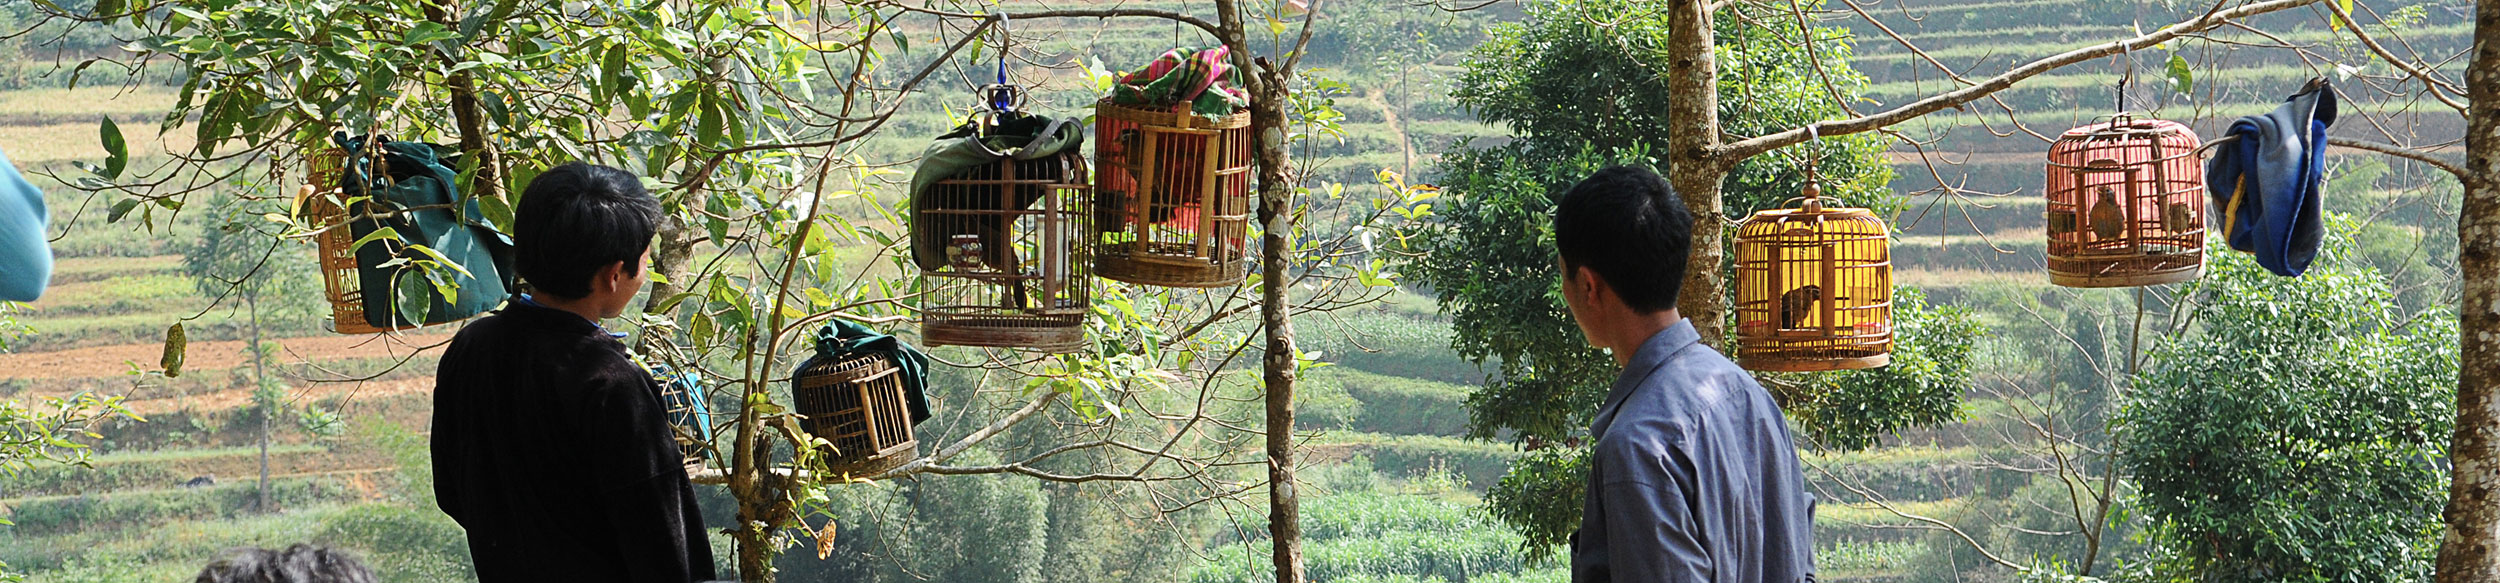 Marché aux oiseaux sur le marché de Can Cau au nord Vietnam